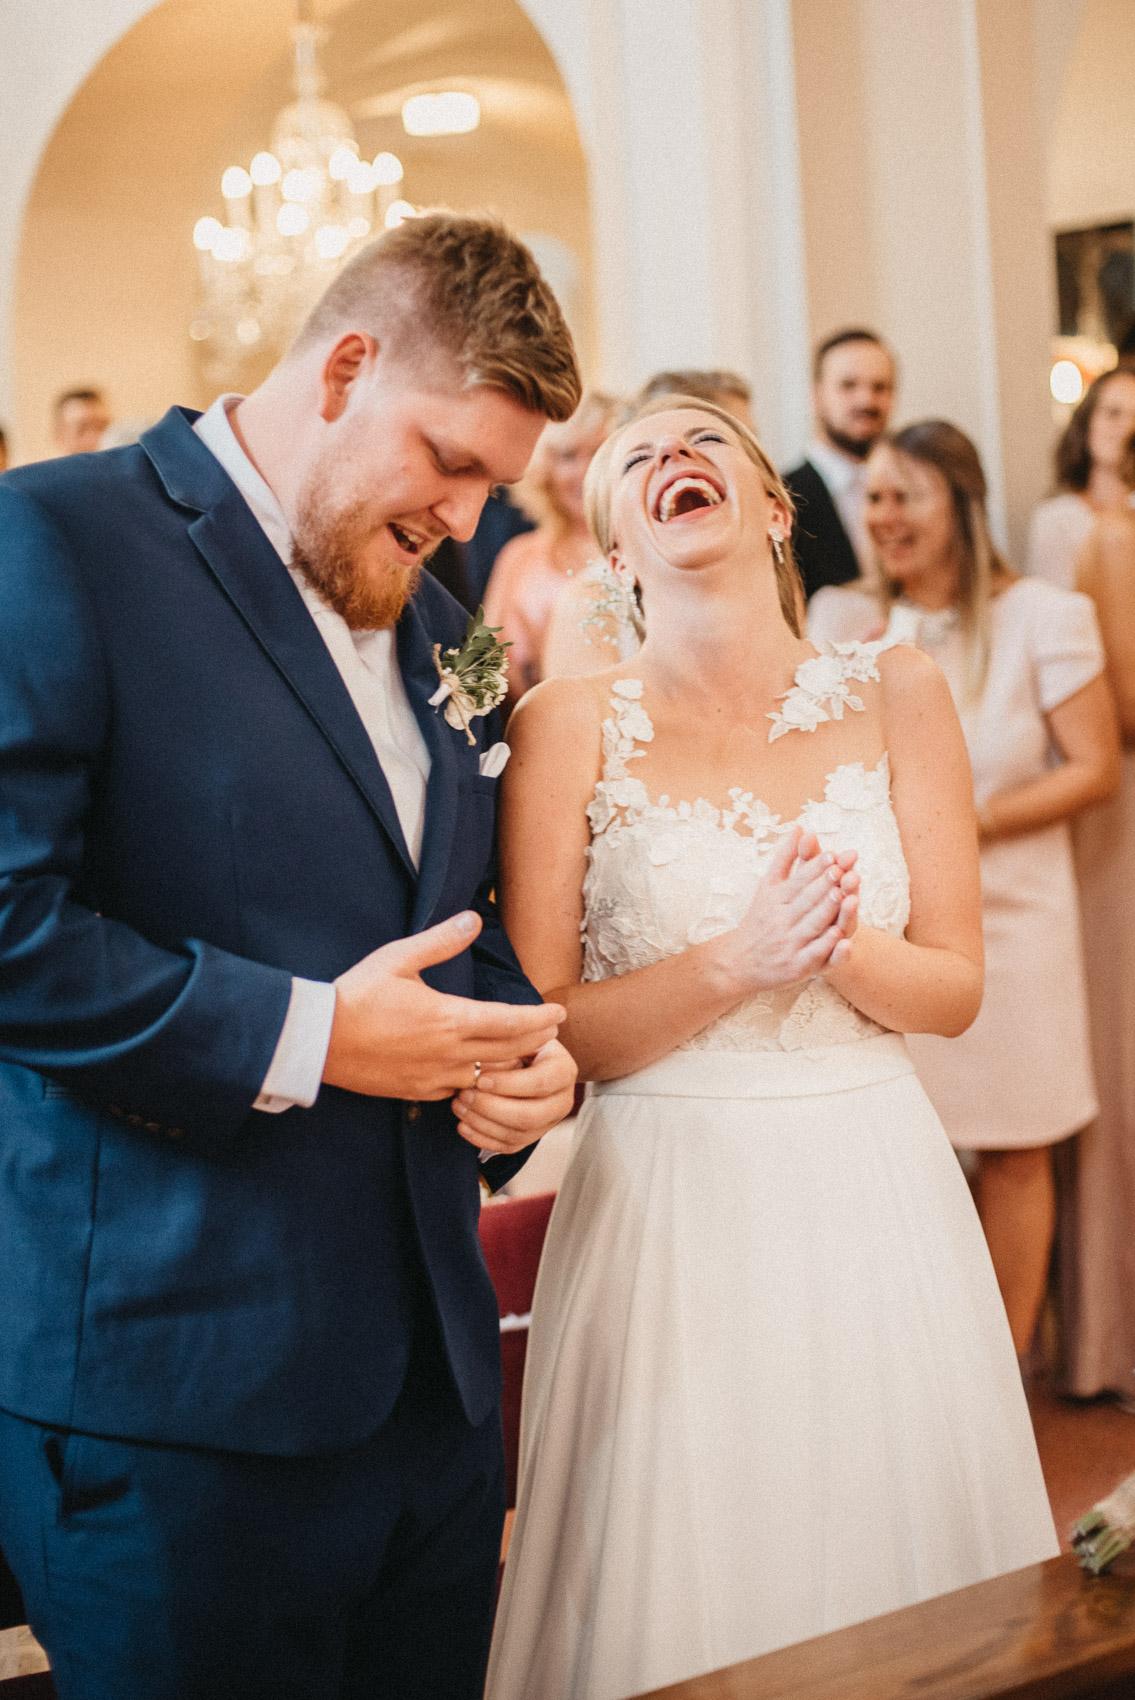 svatba v kostele 4